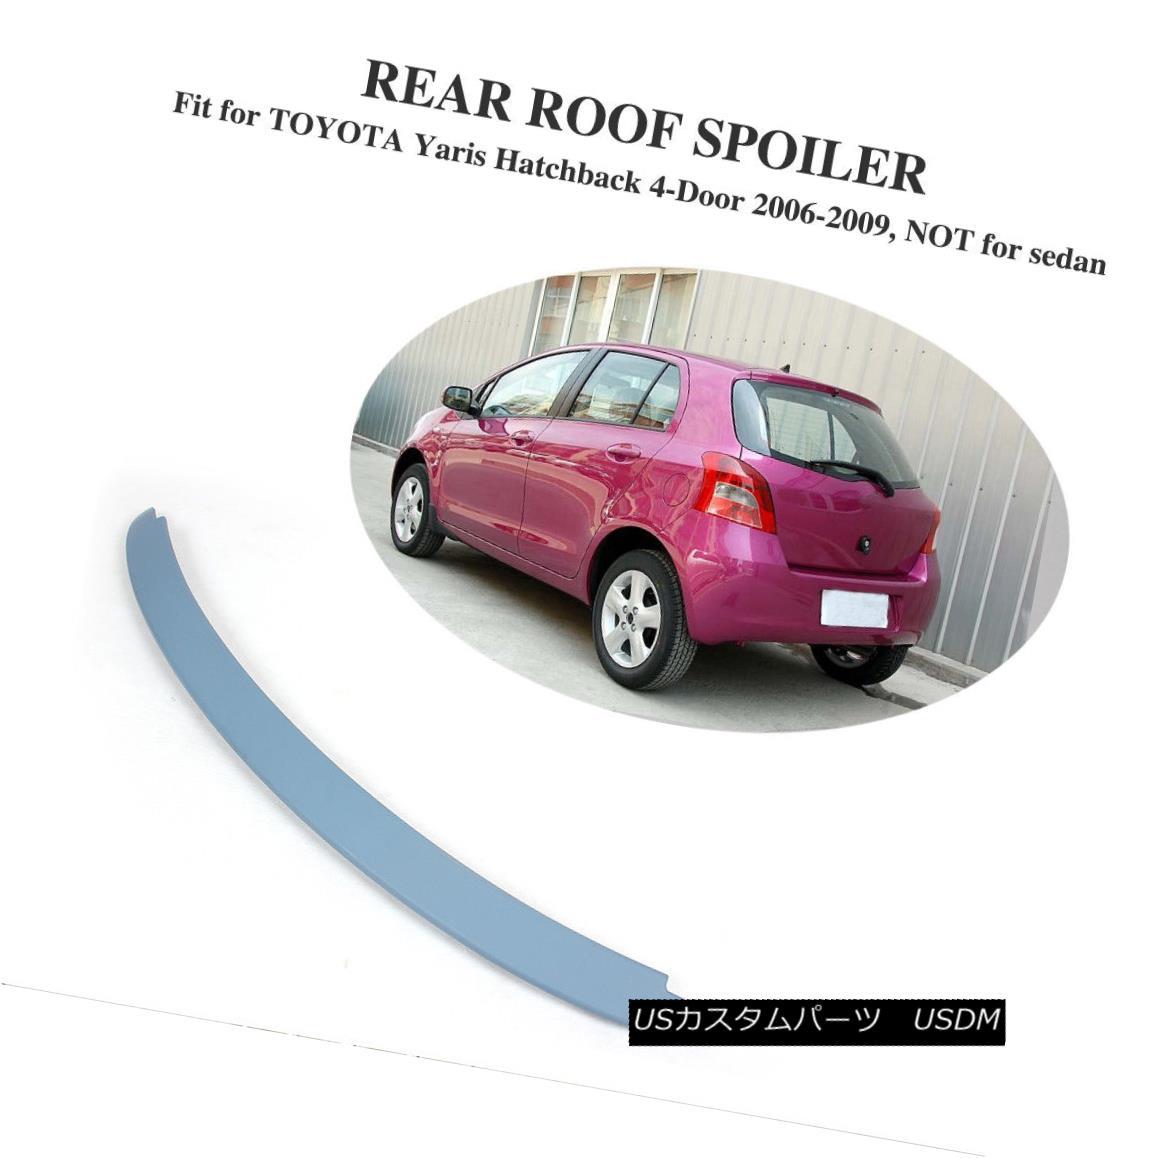 エアロパーツ Unpainted ABS Tail Trunk Spoiler Wing Fit for TOYOTA Yaris Hatchback 4Door 06-09 トヨタヤリスハッチバック4Door 06-09未塗装ABSテールトランクスポイラーウィングフィット